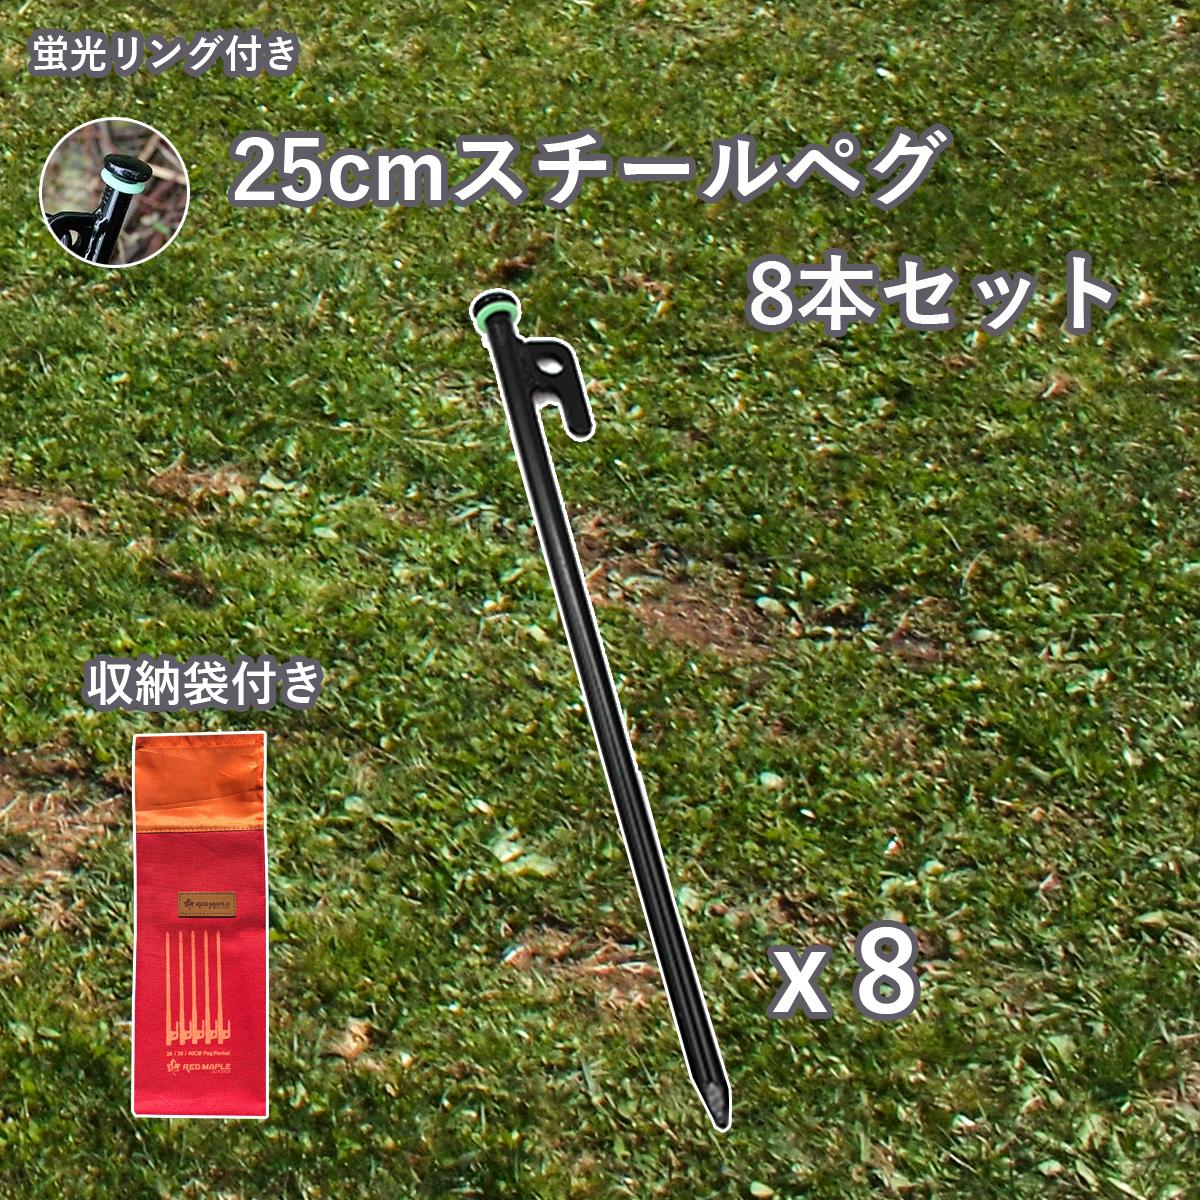 ソリッドペグ (スチール製・蛍光リング付き)30cm 8本セット